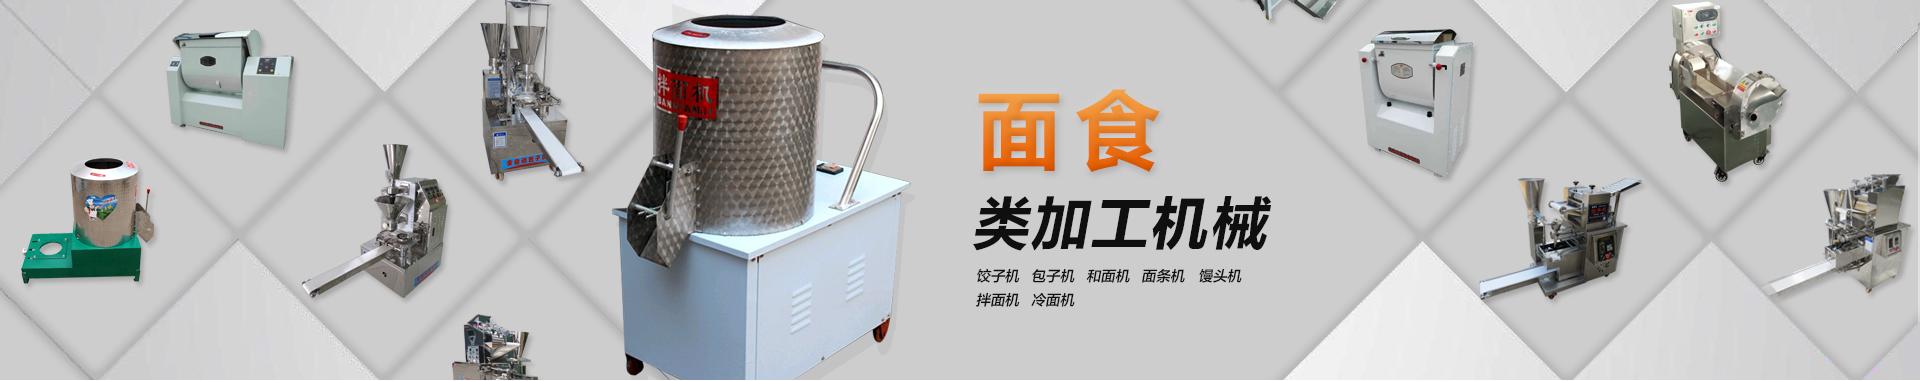 哈尔滨食品机械